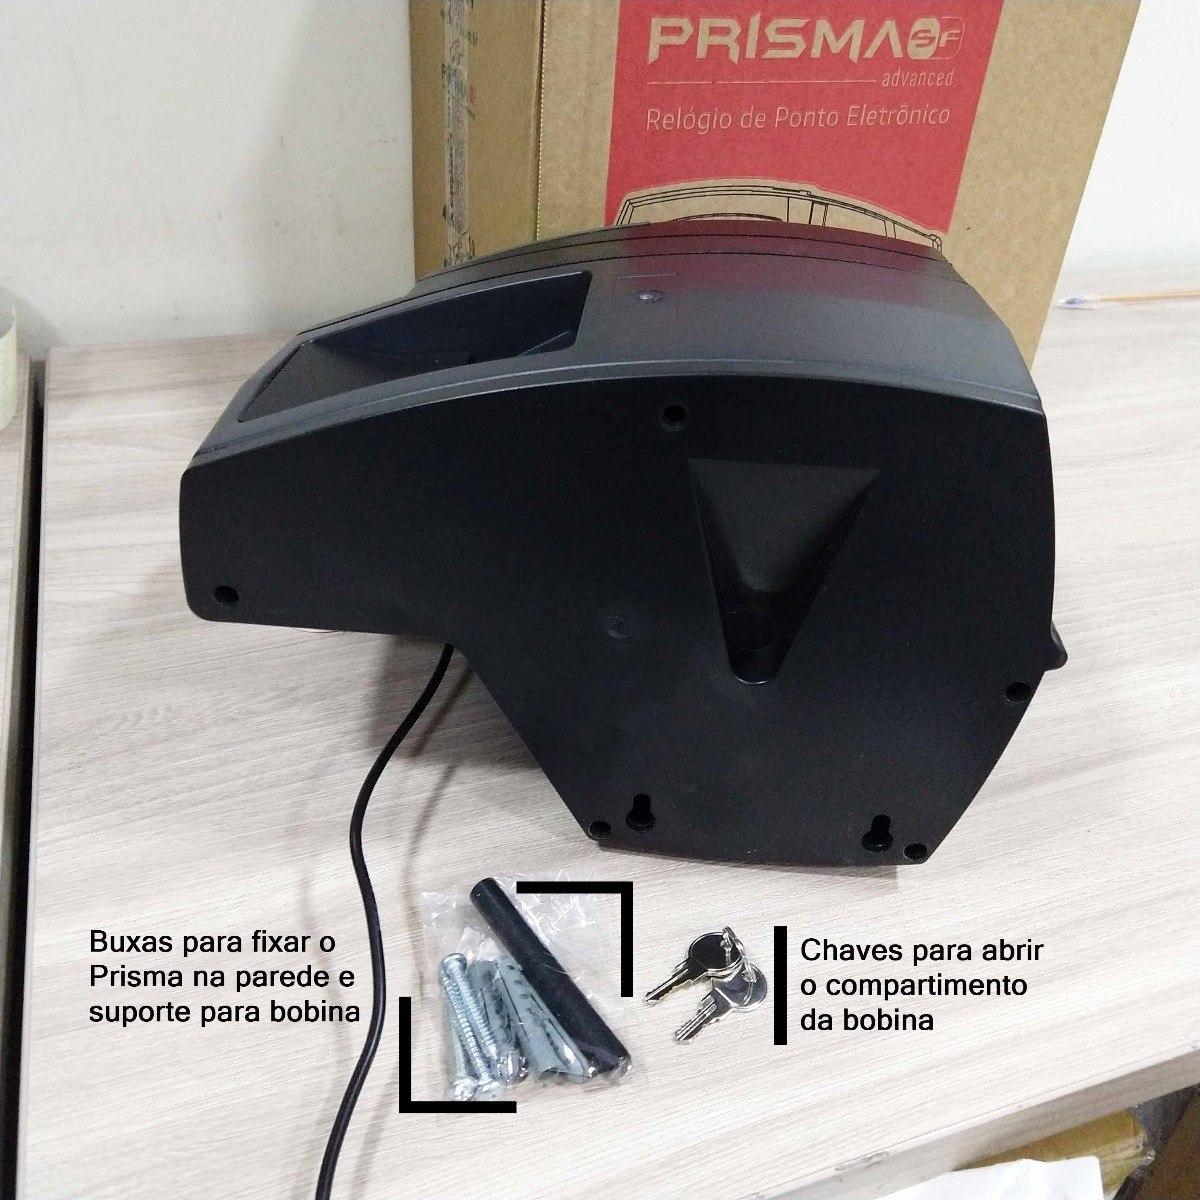 18d8c38394a Relógio Ponto Eletrônico Henry Rep Prisma Advanced R2 Biomet - R ...